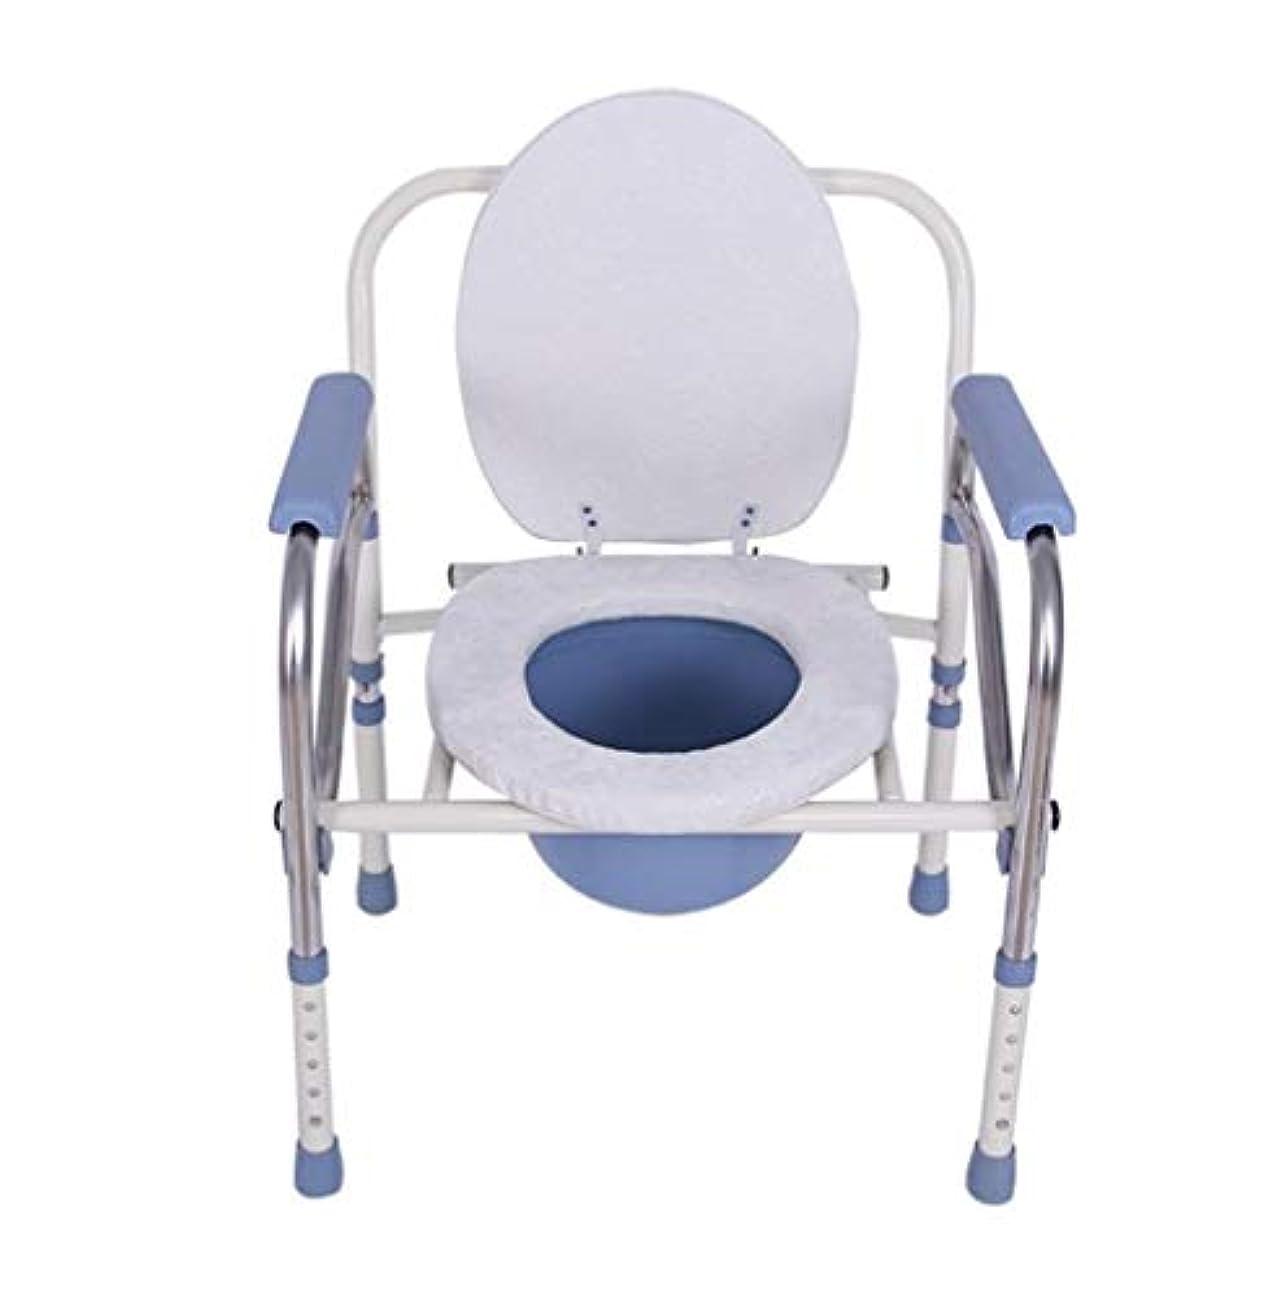 希少性ライン交換可能折りたたみ式ベッドサイドside椅子-ステンレススチール製トイレ付き便器バケツ付き高さ調節可能な妊婦用トイレスツール